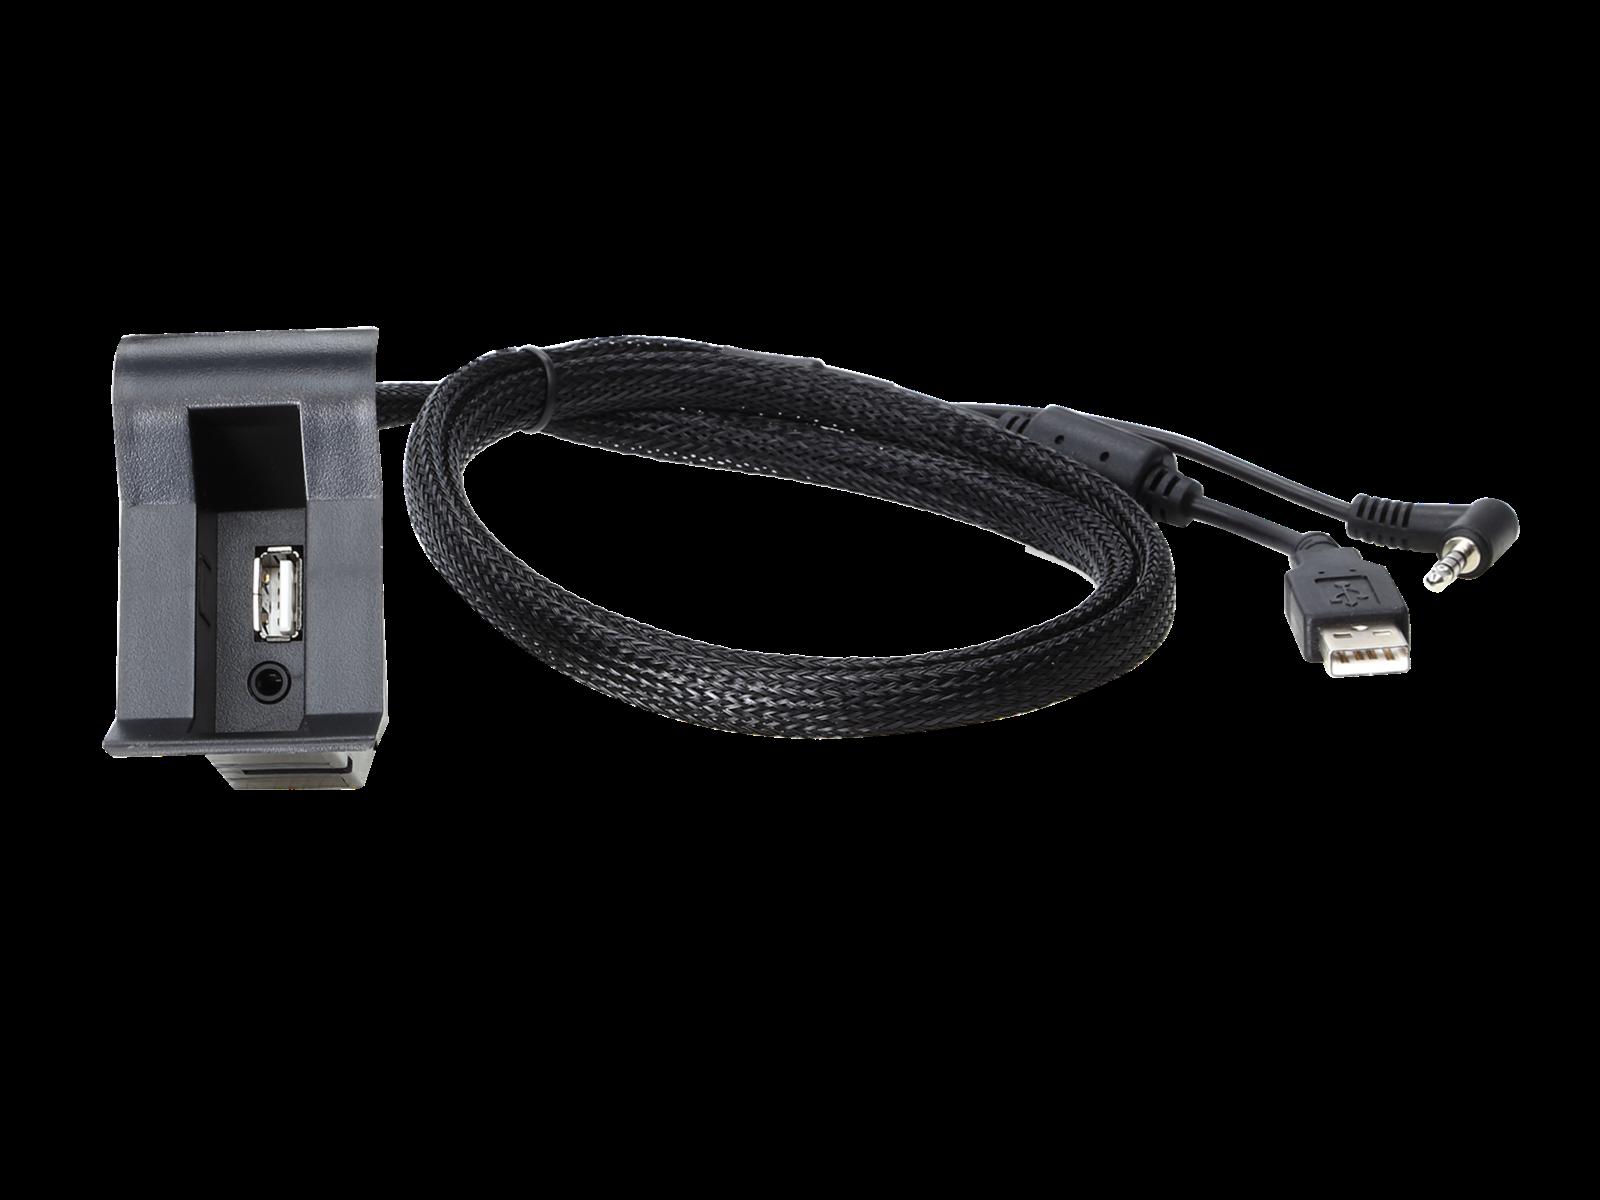 USB / AUX replacement VW Golf V/IV, Passat 3C, EOS